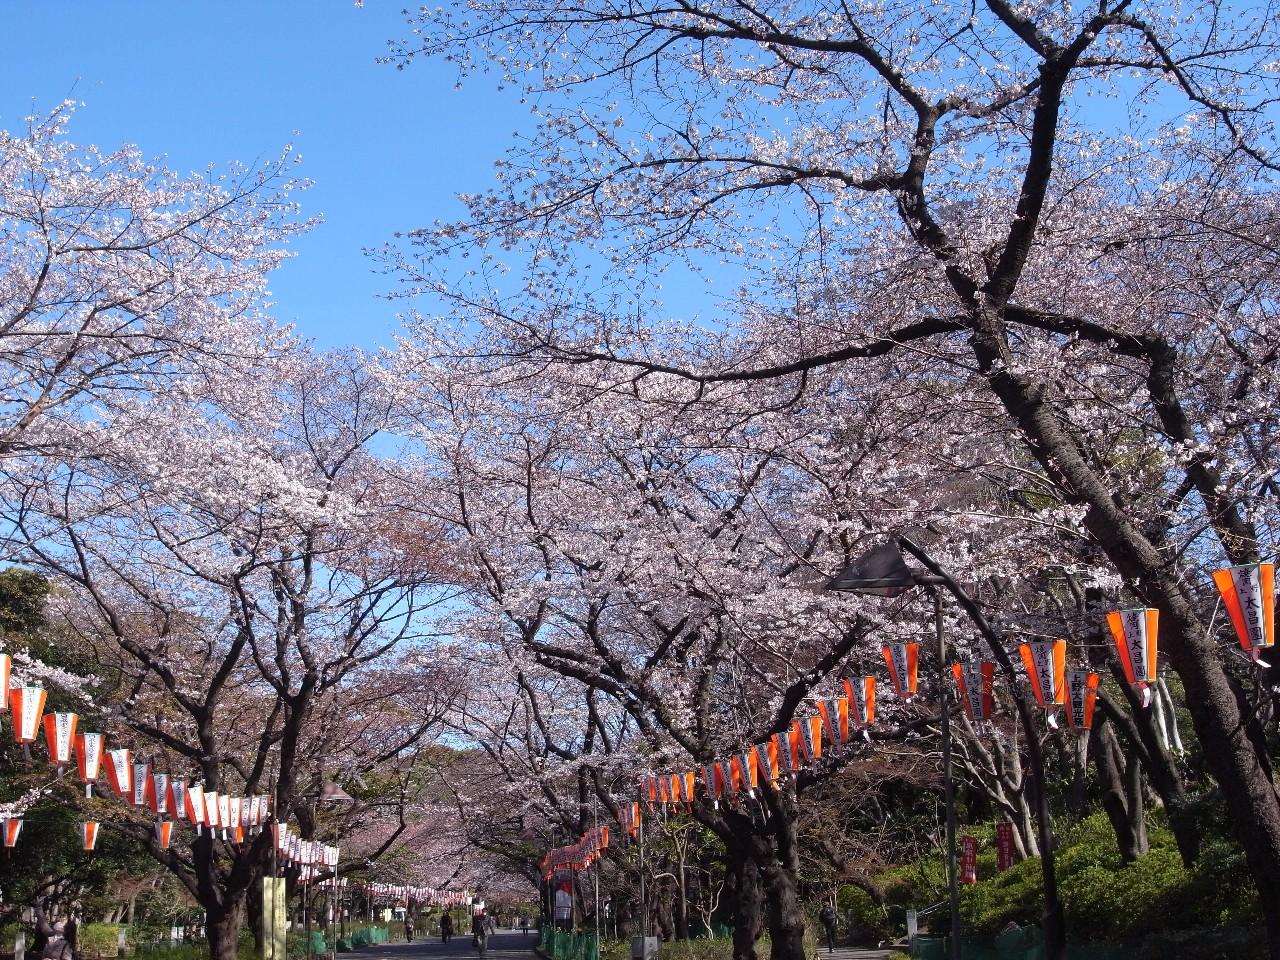 上野恩賜公園(うえの桜まつり)